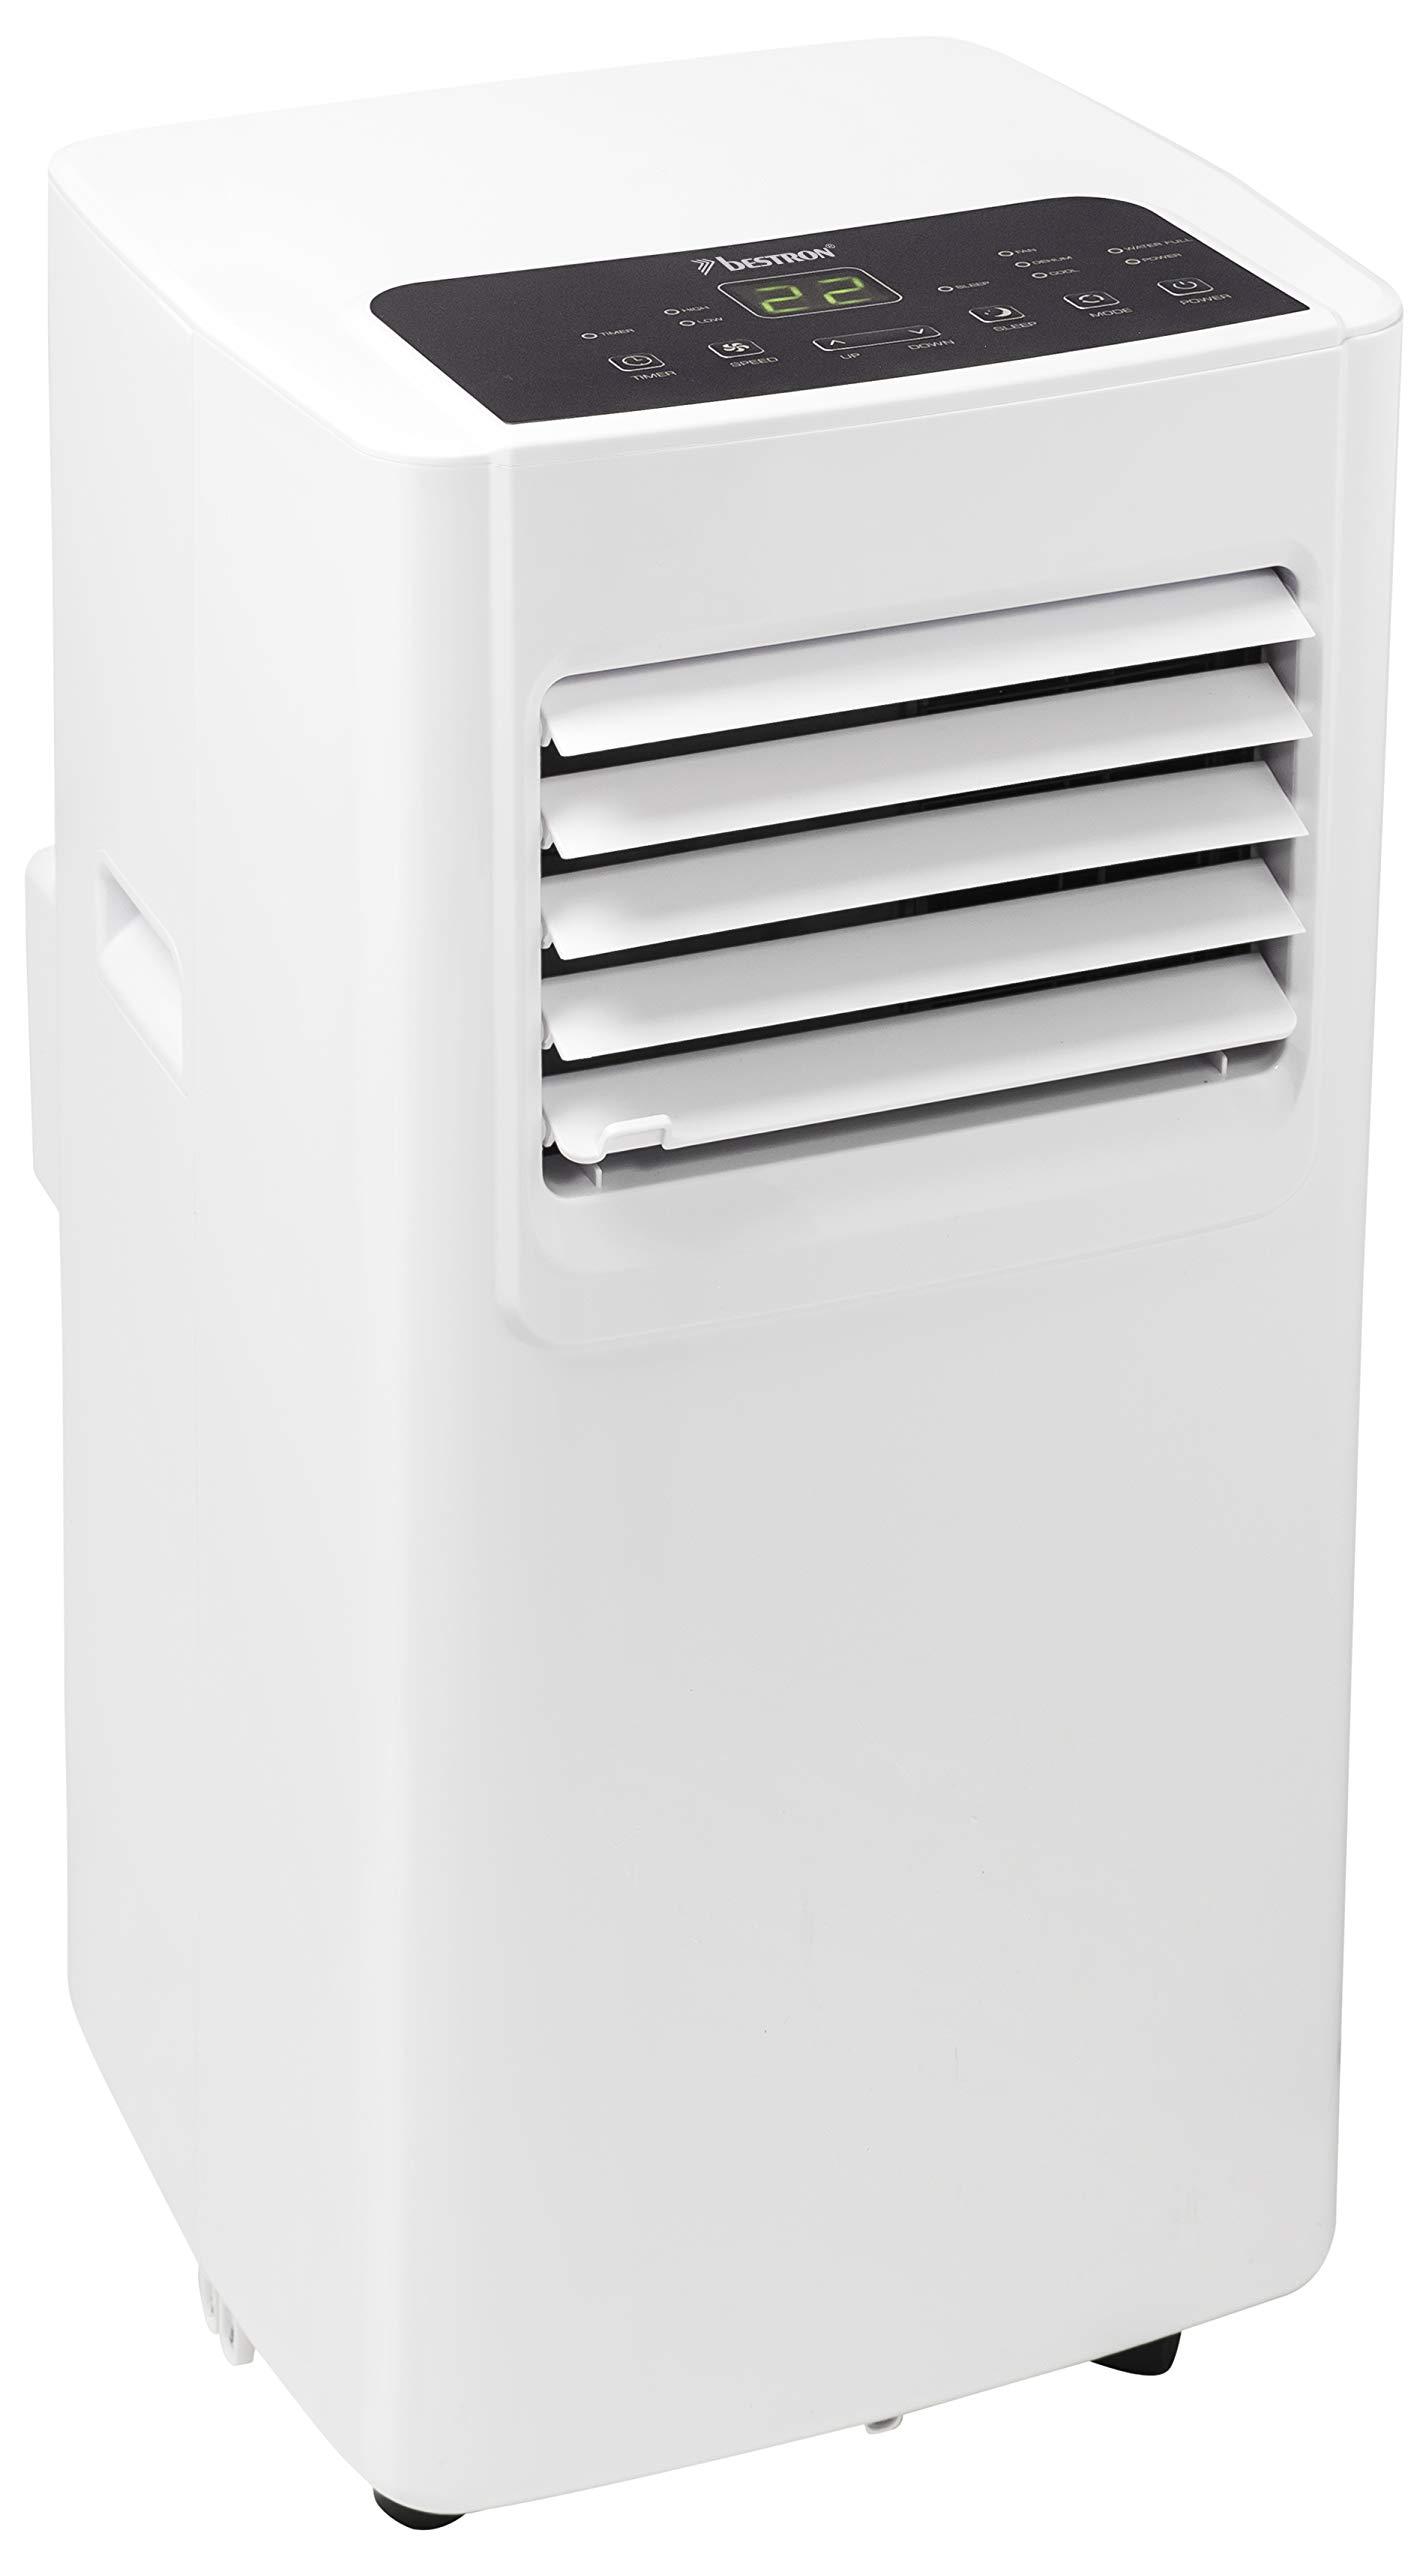 Bestron AAC7000 - Aire acondicionado portátil (potencia de refrigeración de 7000 BTU / 2,1 kW, para habitaciones de hasta 60 m3), color blanco: Amazon.es: Grandes electrodomésticos